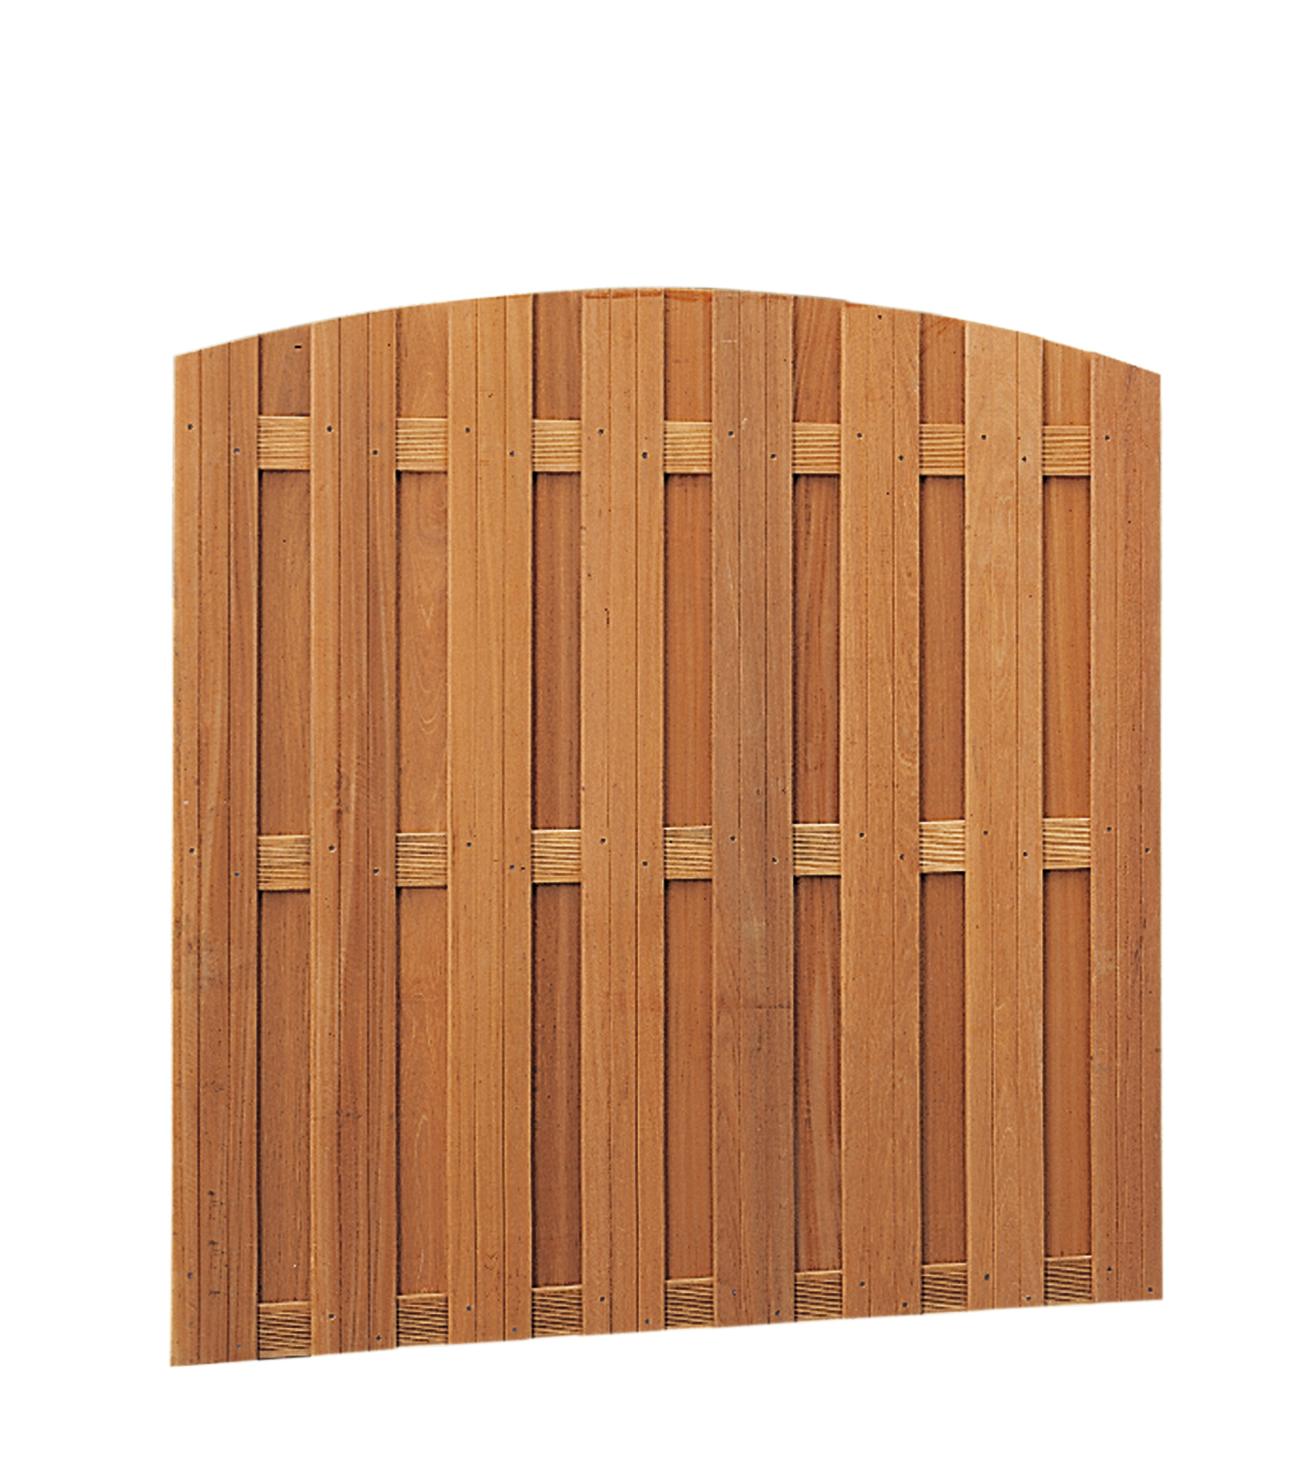 Geschaafd hardhout (keruing) verticaal rvs geschroefd 14 x 145 mm 180 x 170/180 cm zeer degelijke mooie ...